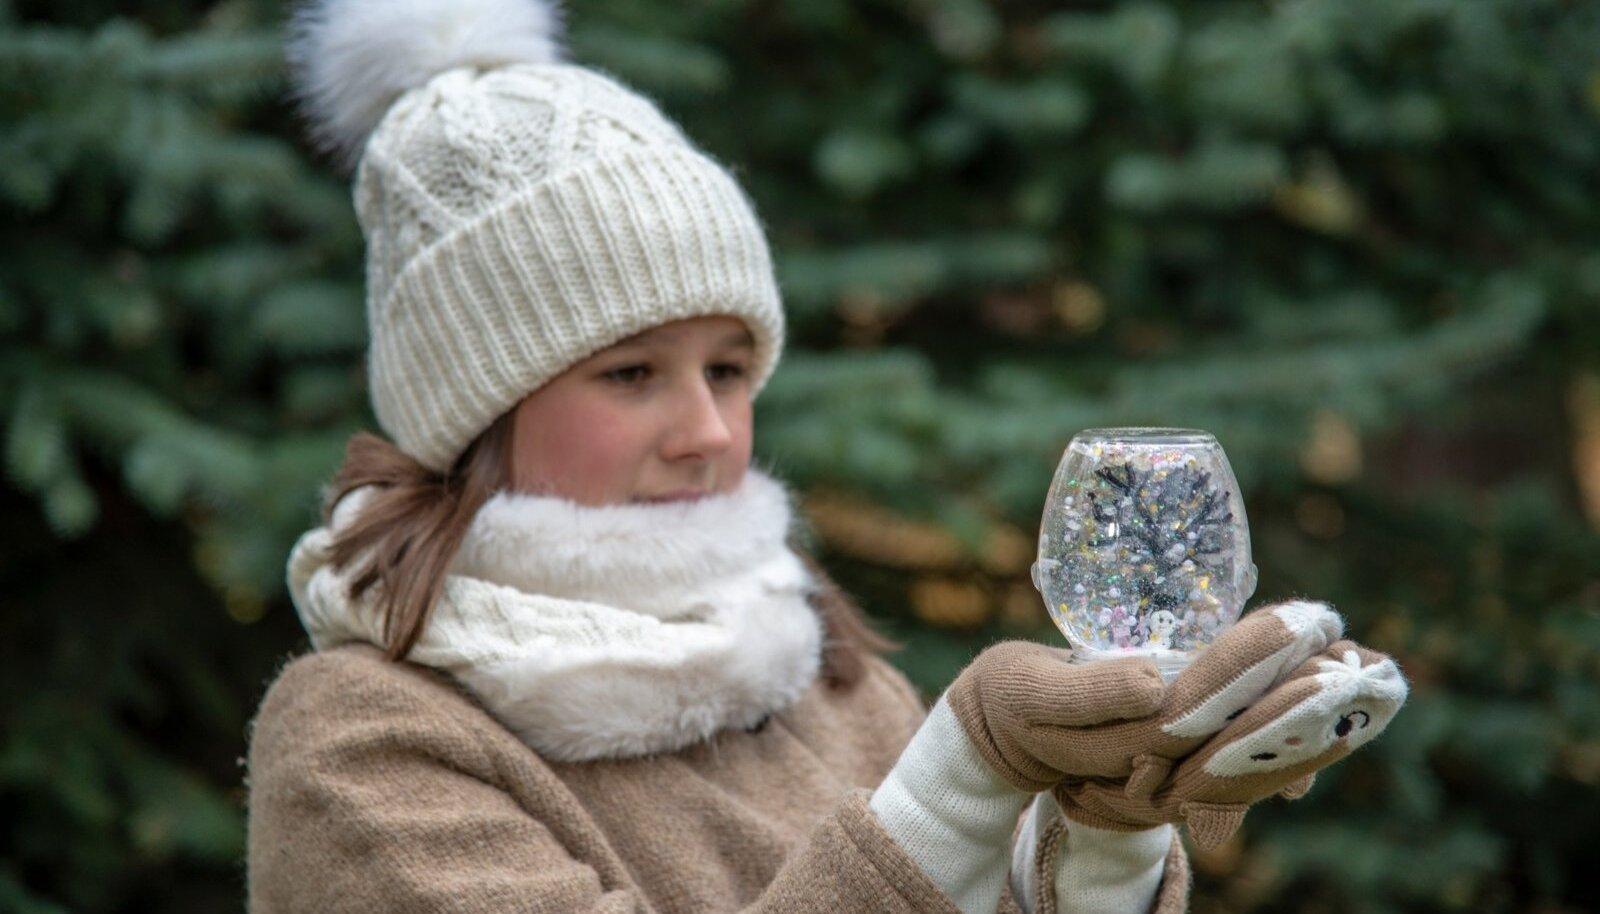 Eliise teab, et kui jõulude ajal õues lund ei saja, saab õige pühadetunde kätte ise tehtud ja lumesajuga täidetud purgist.